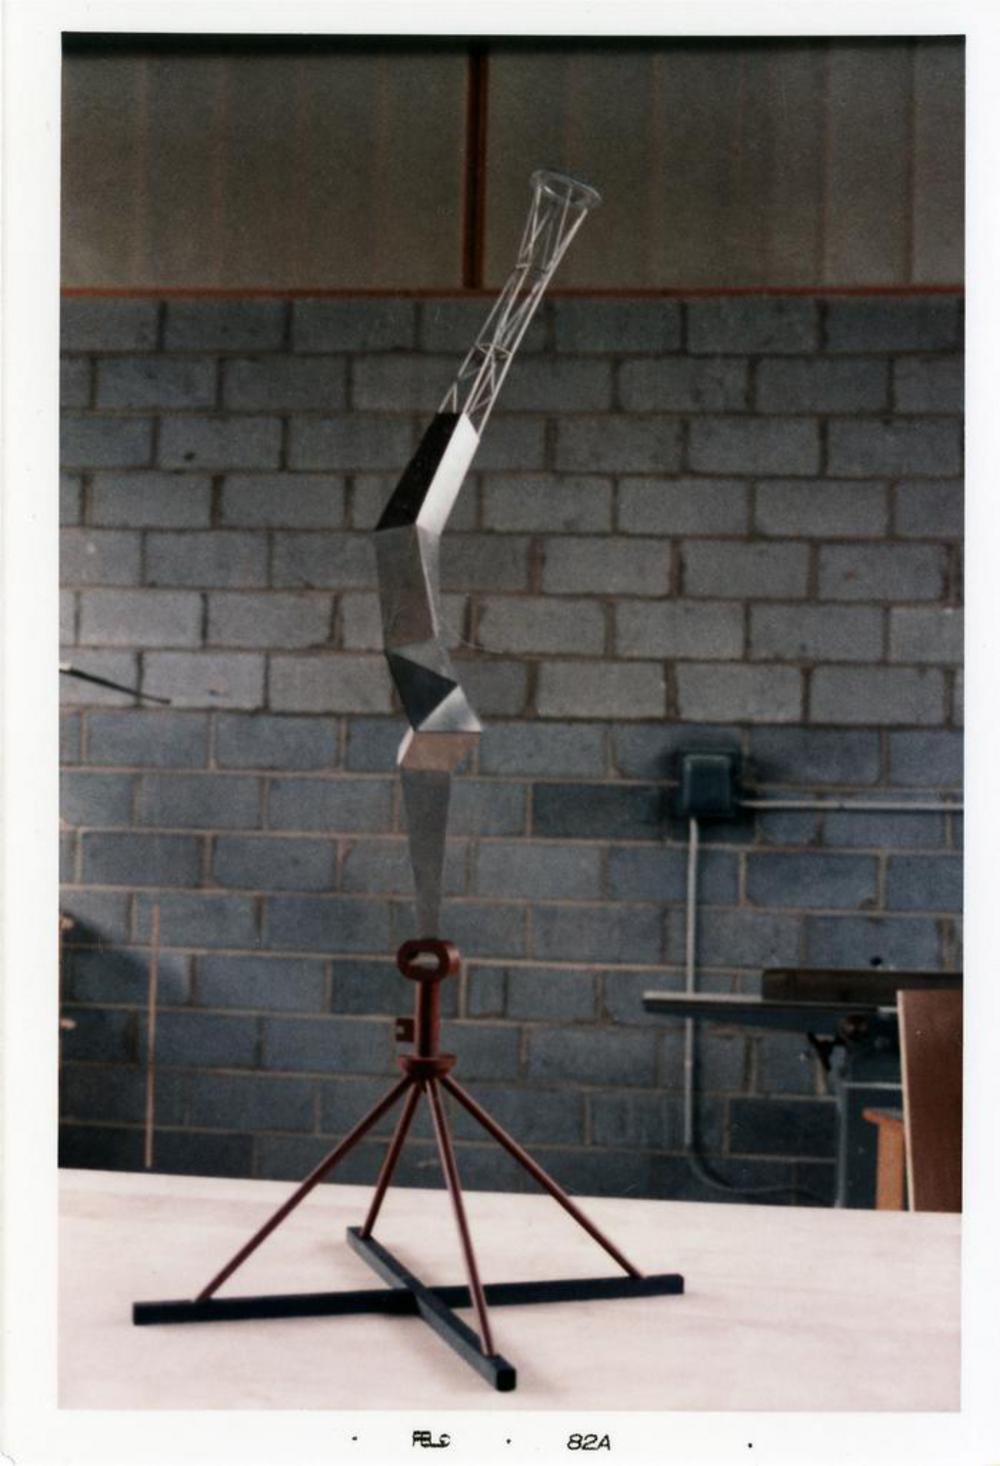 Model for Bolt of Lightning...Memorial to Ben Franklin, image 14